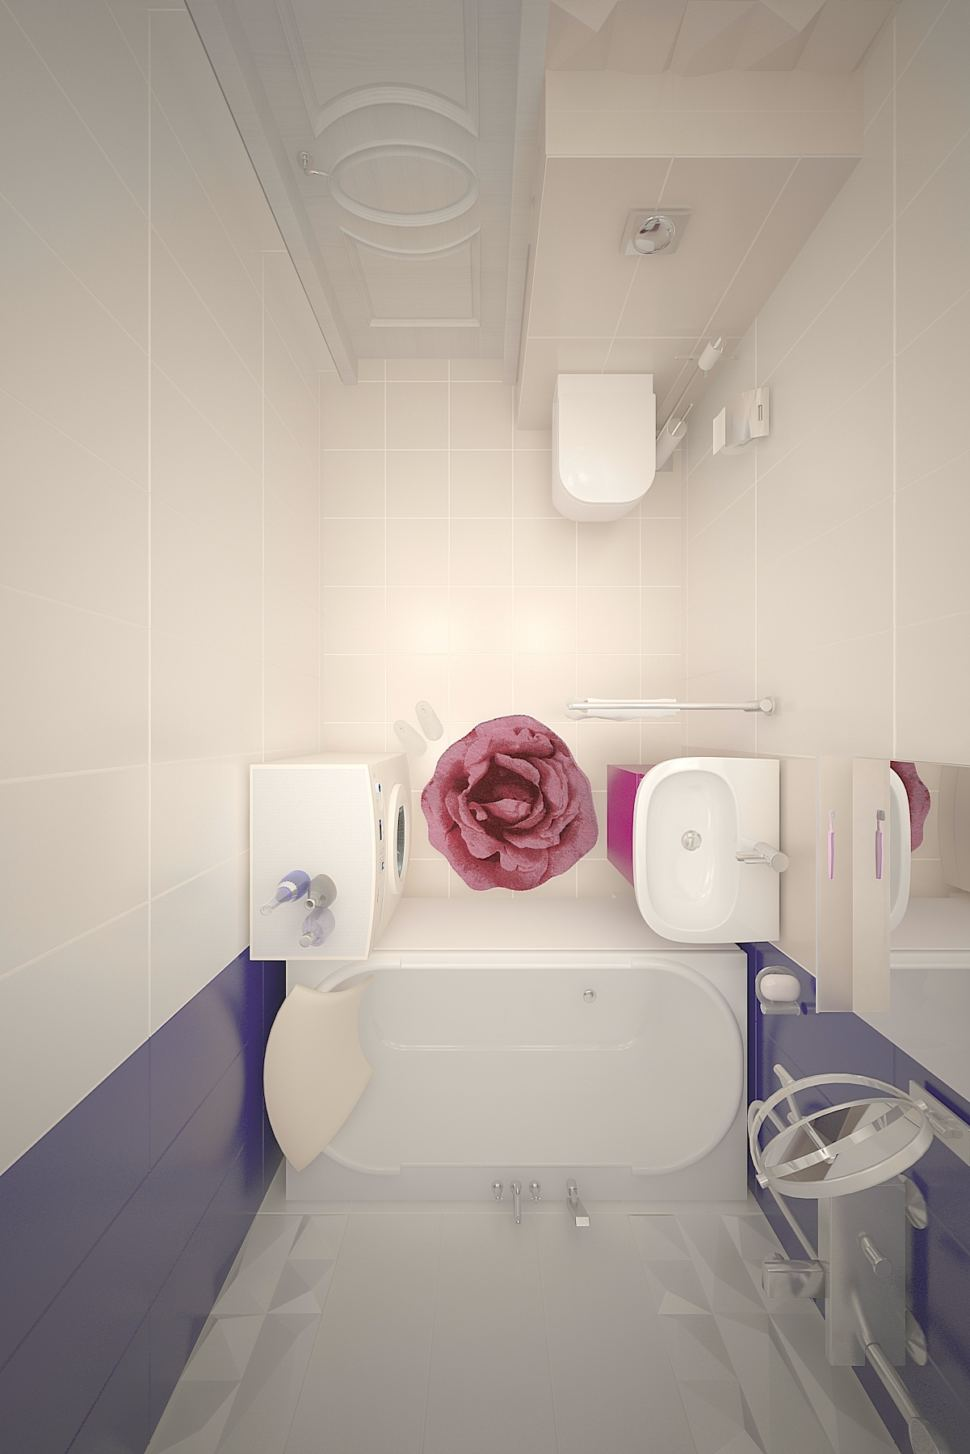 Проект ванной комнаты 3 кв.м, коврик, керамическая плитка, фиолетовый цвет, мойка, стиральная машина